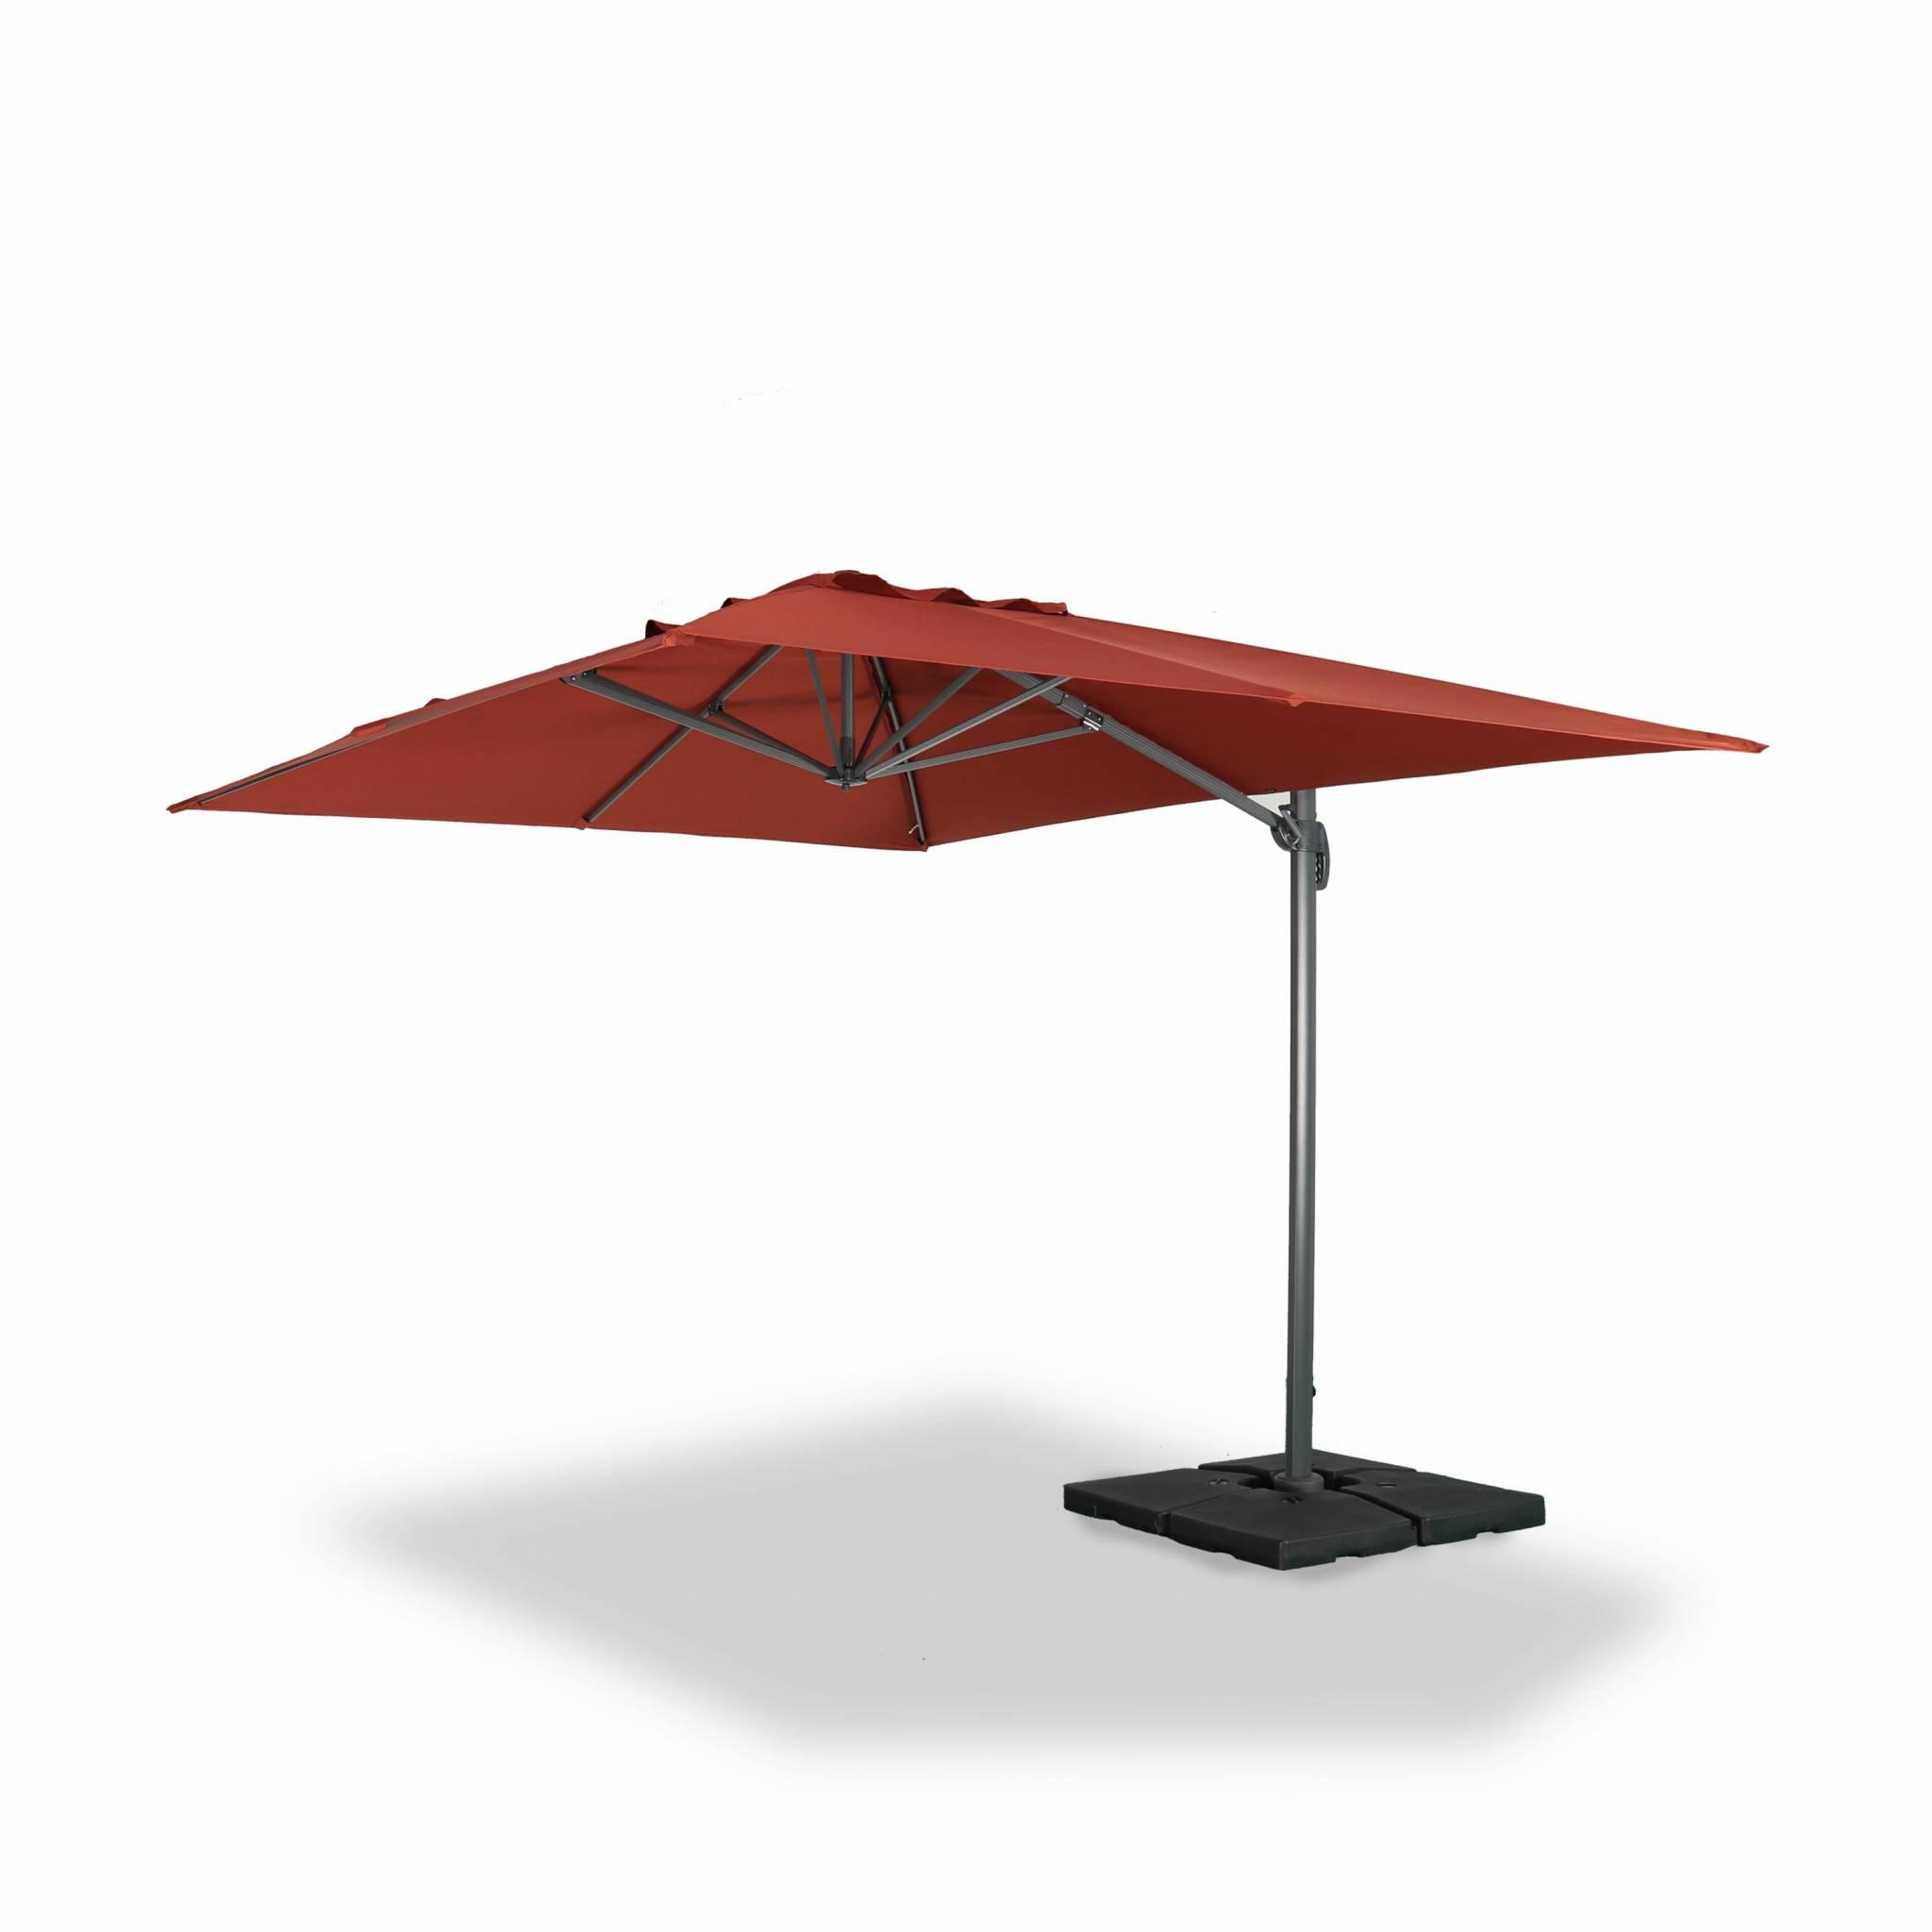 Parasol déporté rectangulaire 3x4m excentré inclinable terracotta